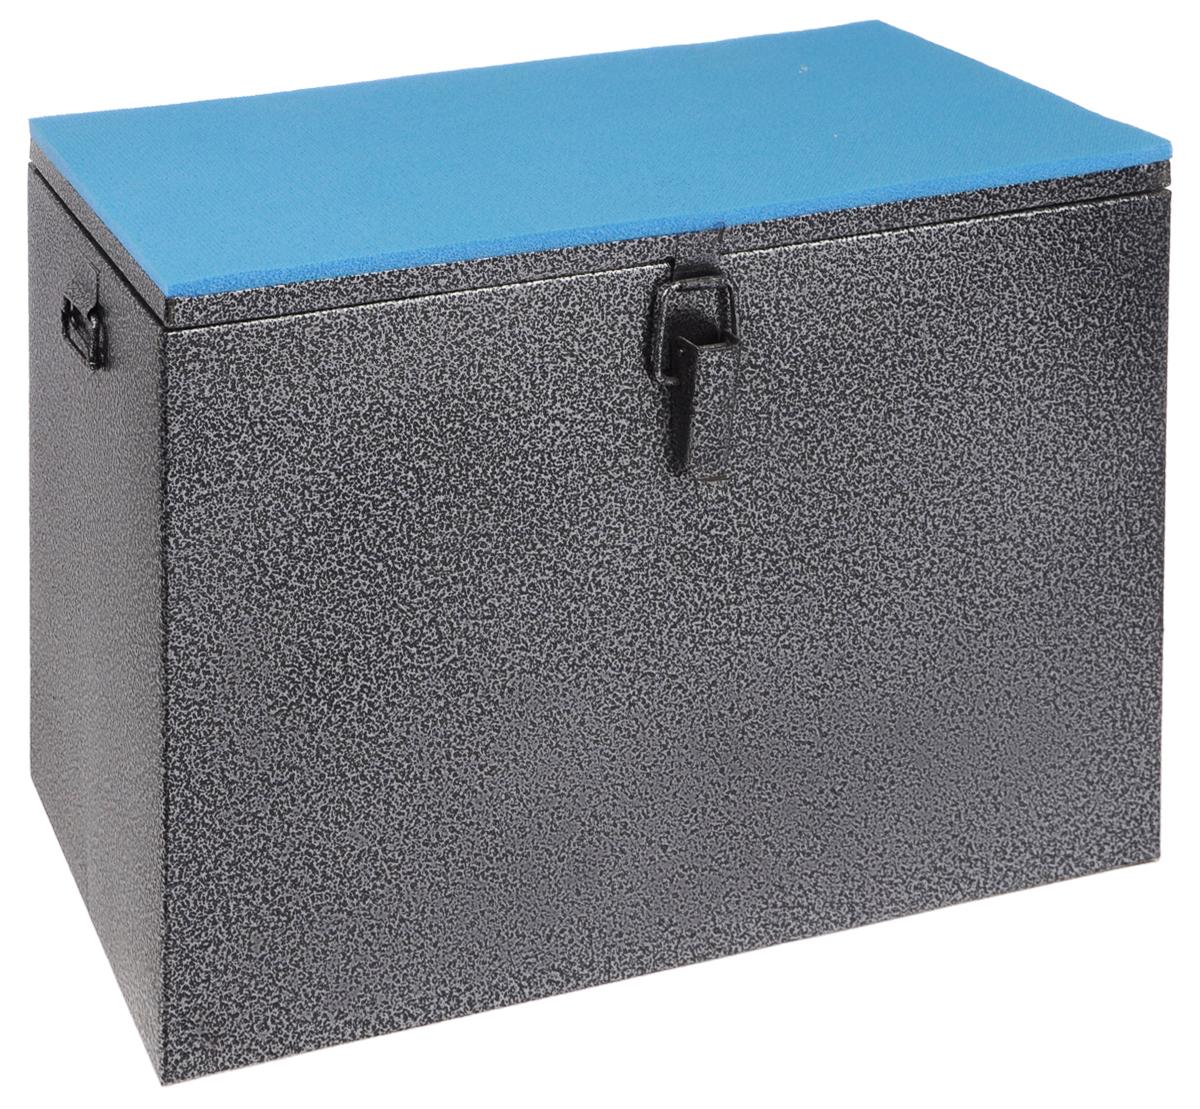 Ящик рыболова Рост, окрашенный, 40 см х 19 см х 29 см